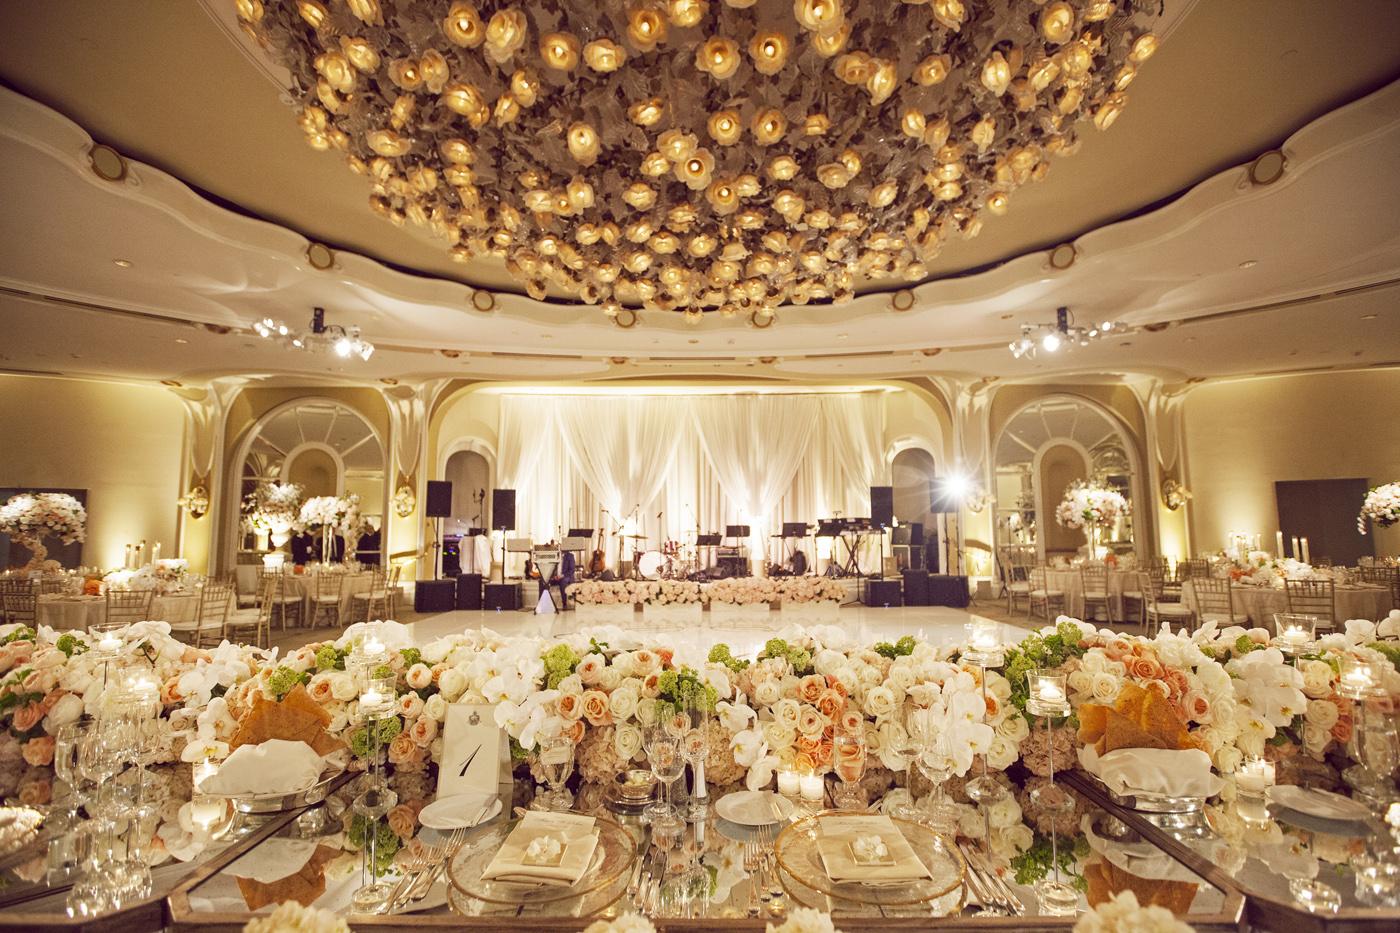 042_DukePhotography_DukeImages_Wedding_Details.jpg